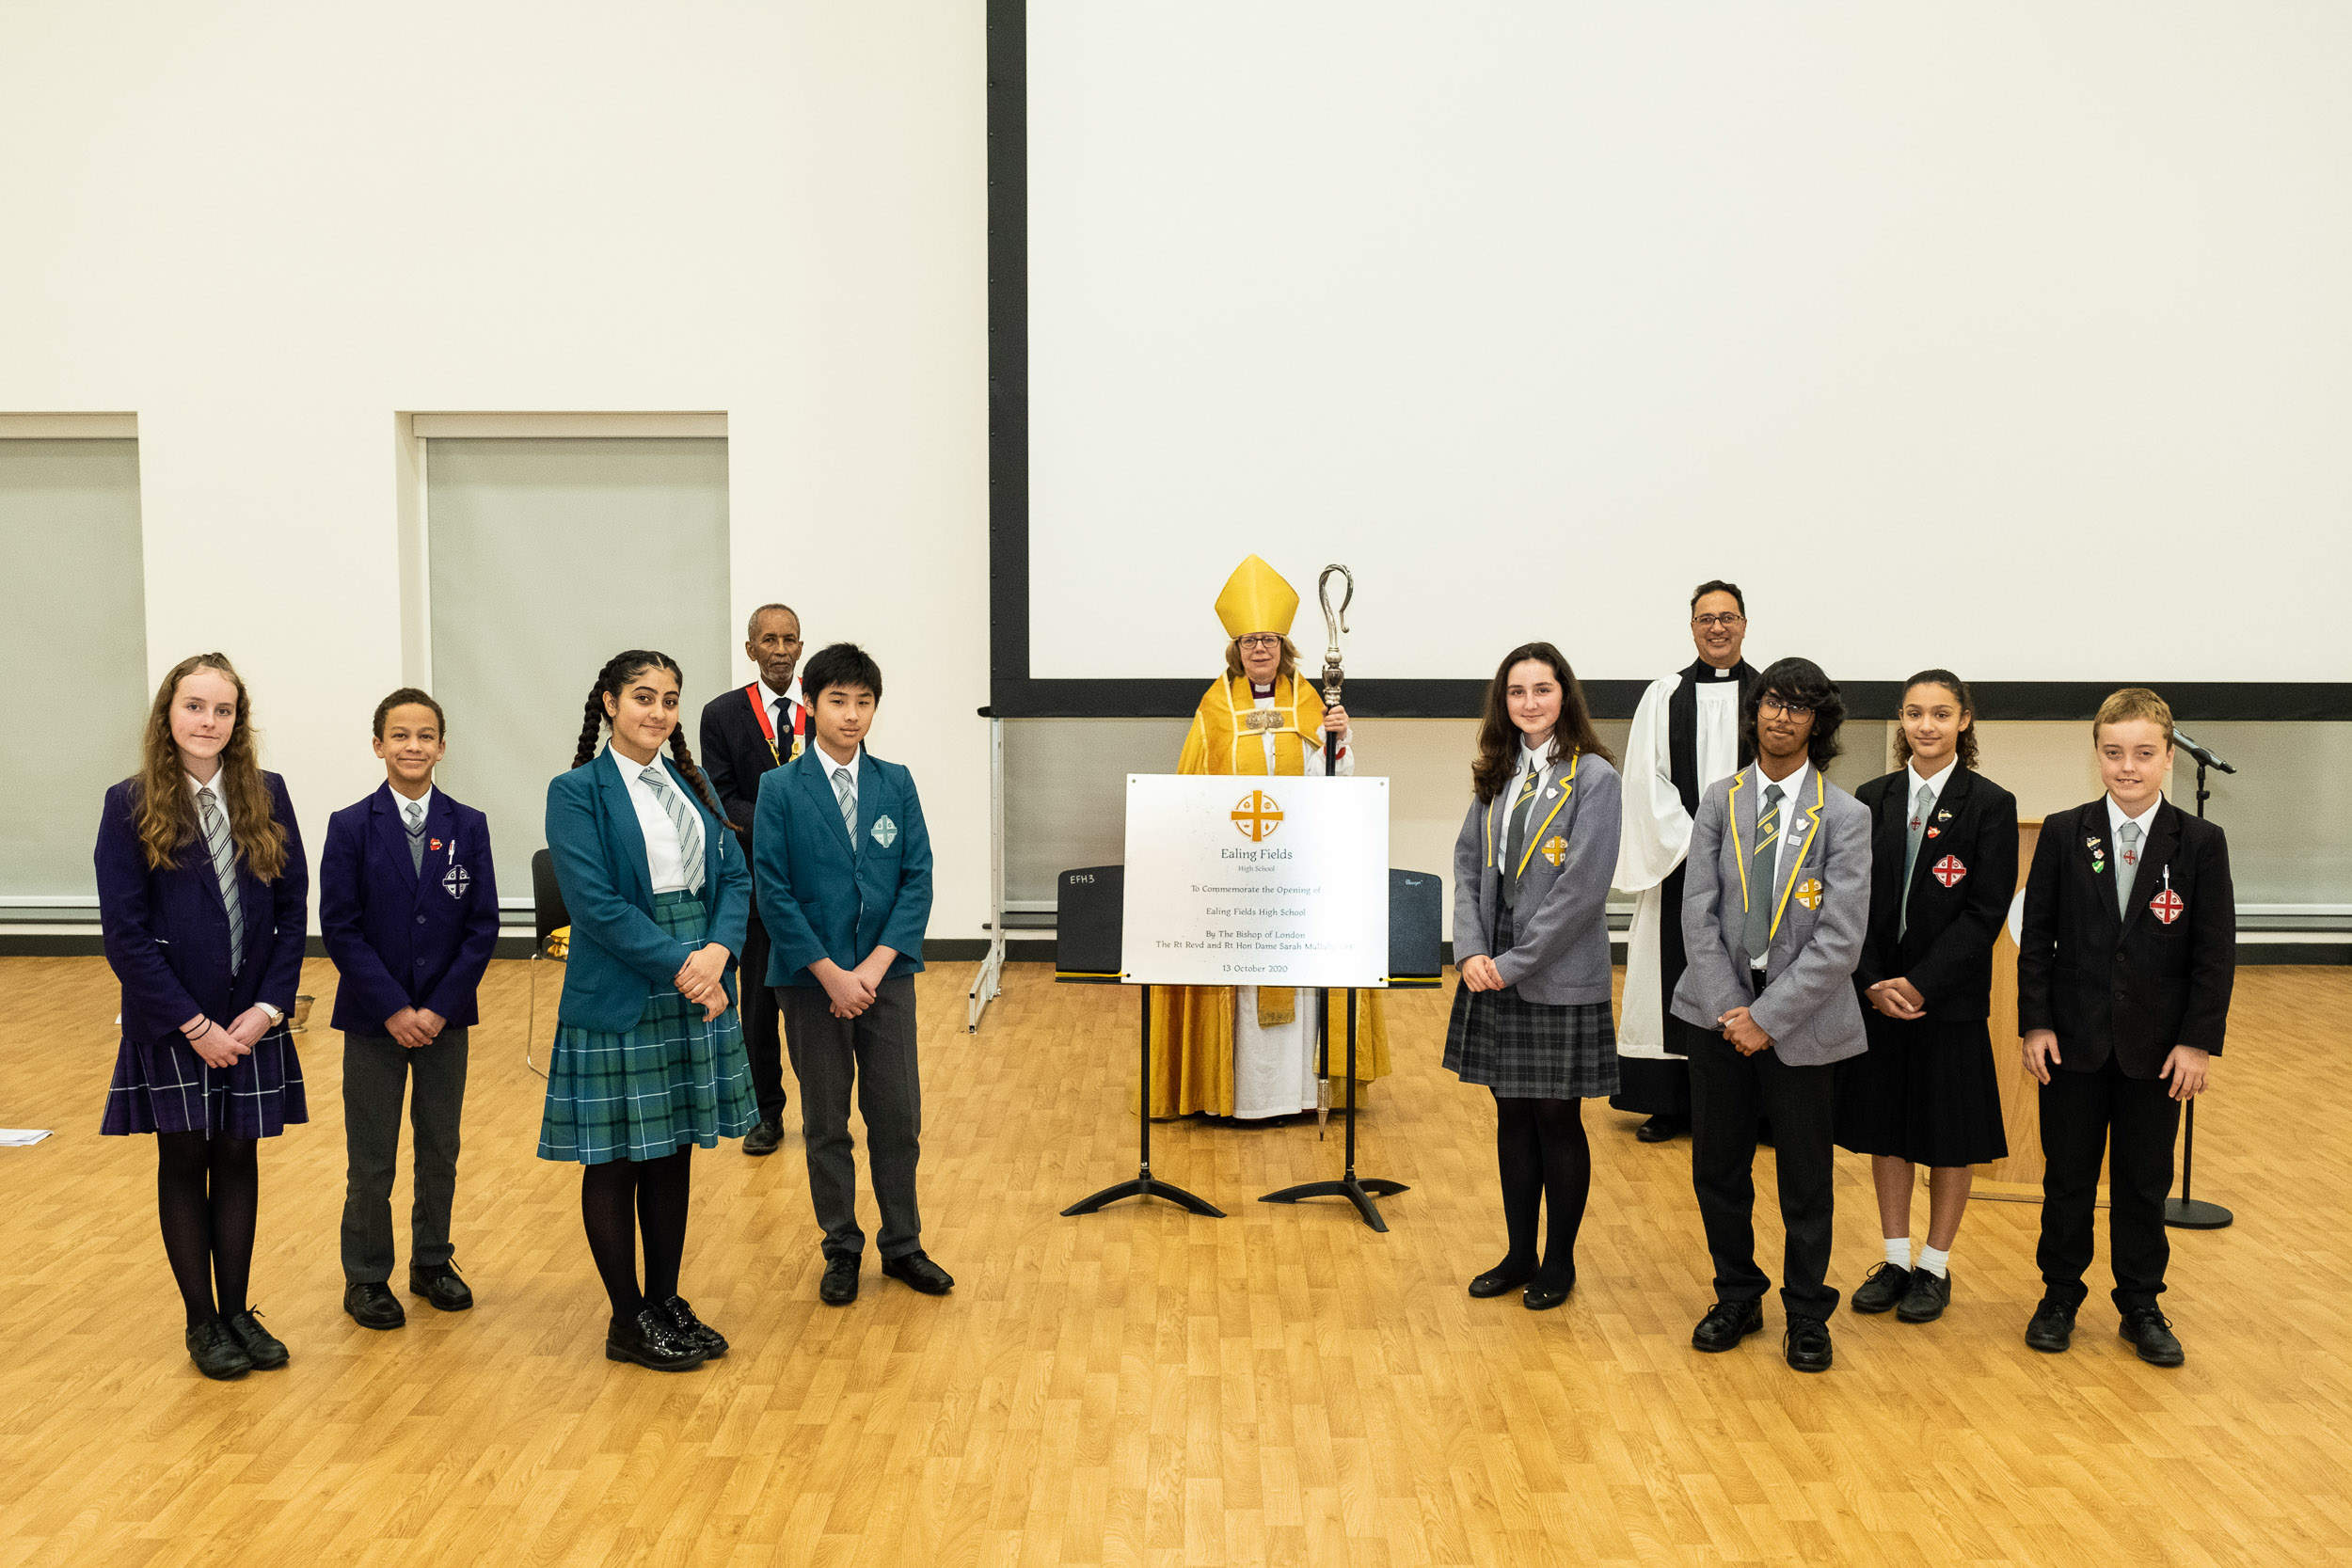 EF Students, Mayor, Bishop and Chaplain